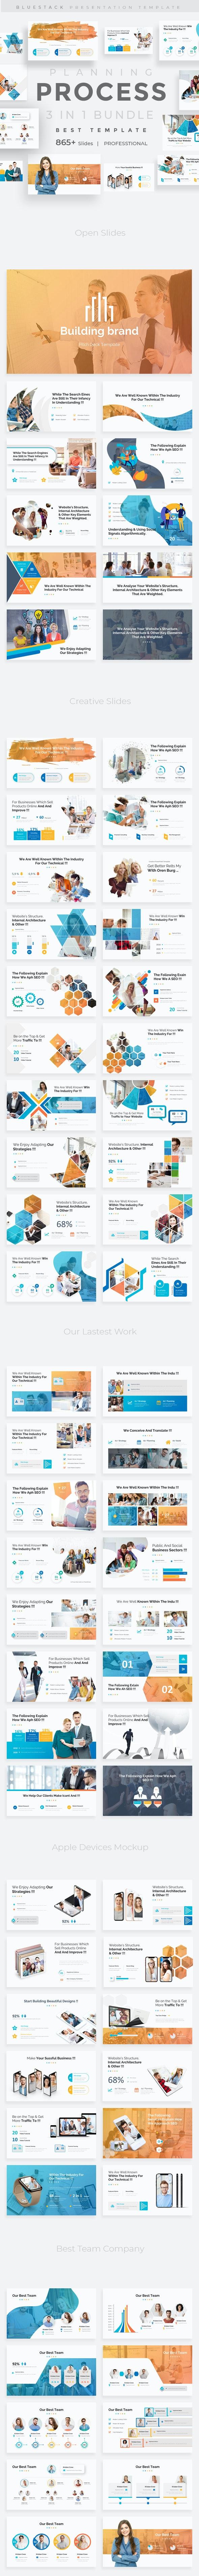 3 in 1 Planning Process Bundle Google Slide Template - Google Slides Presentation Templates